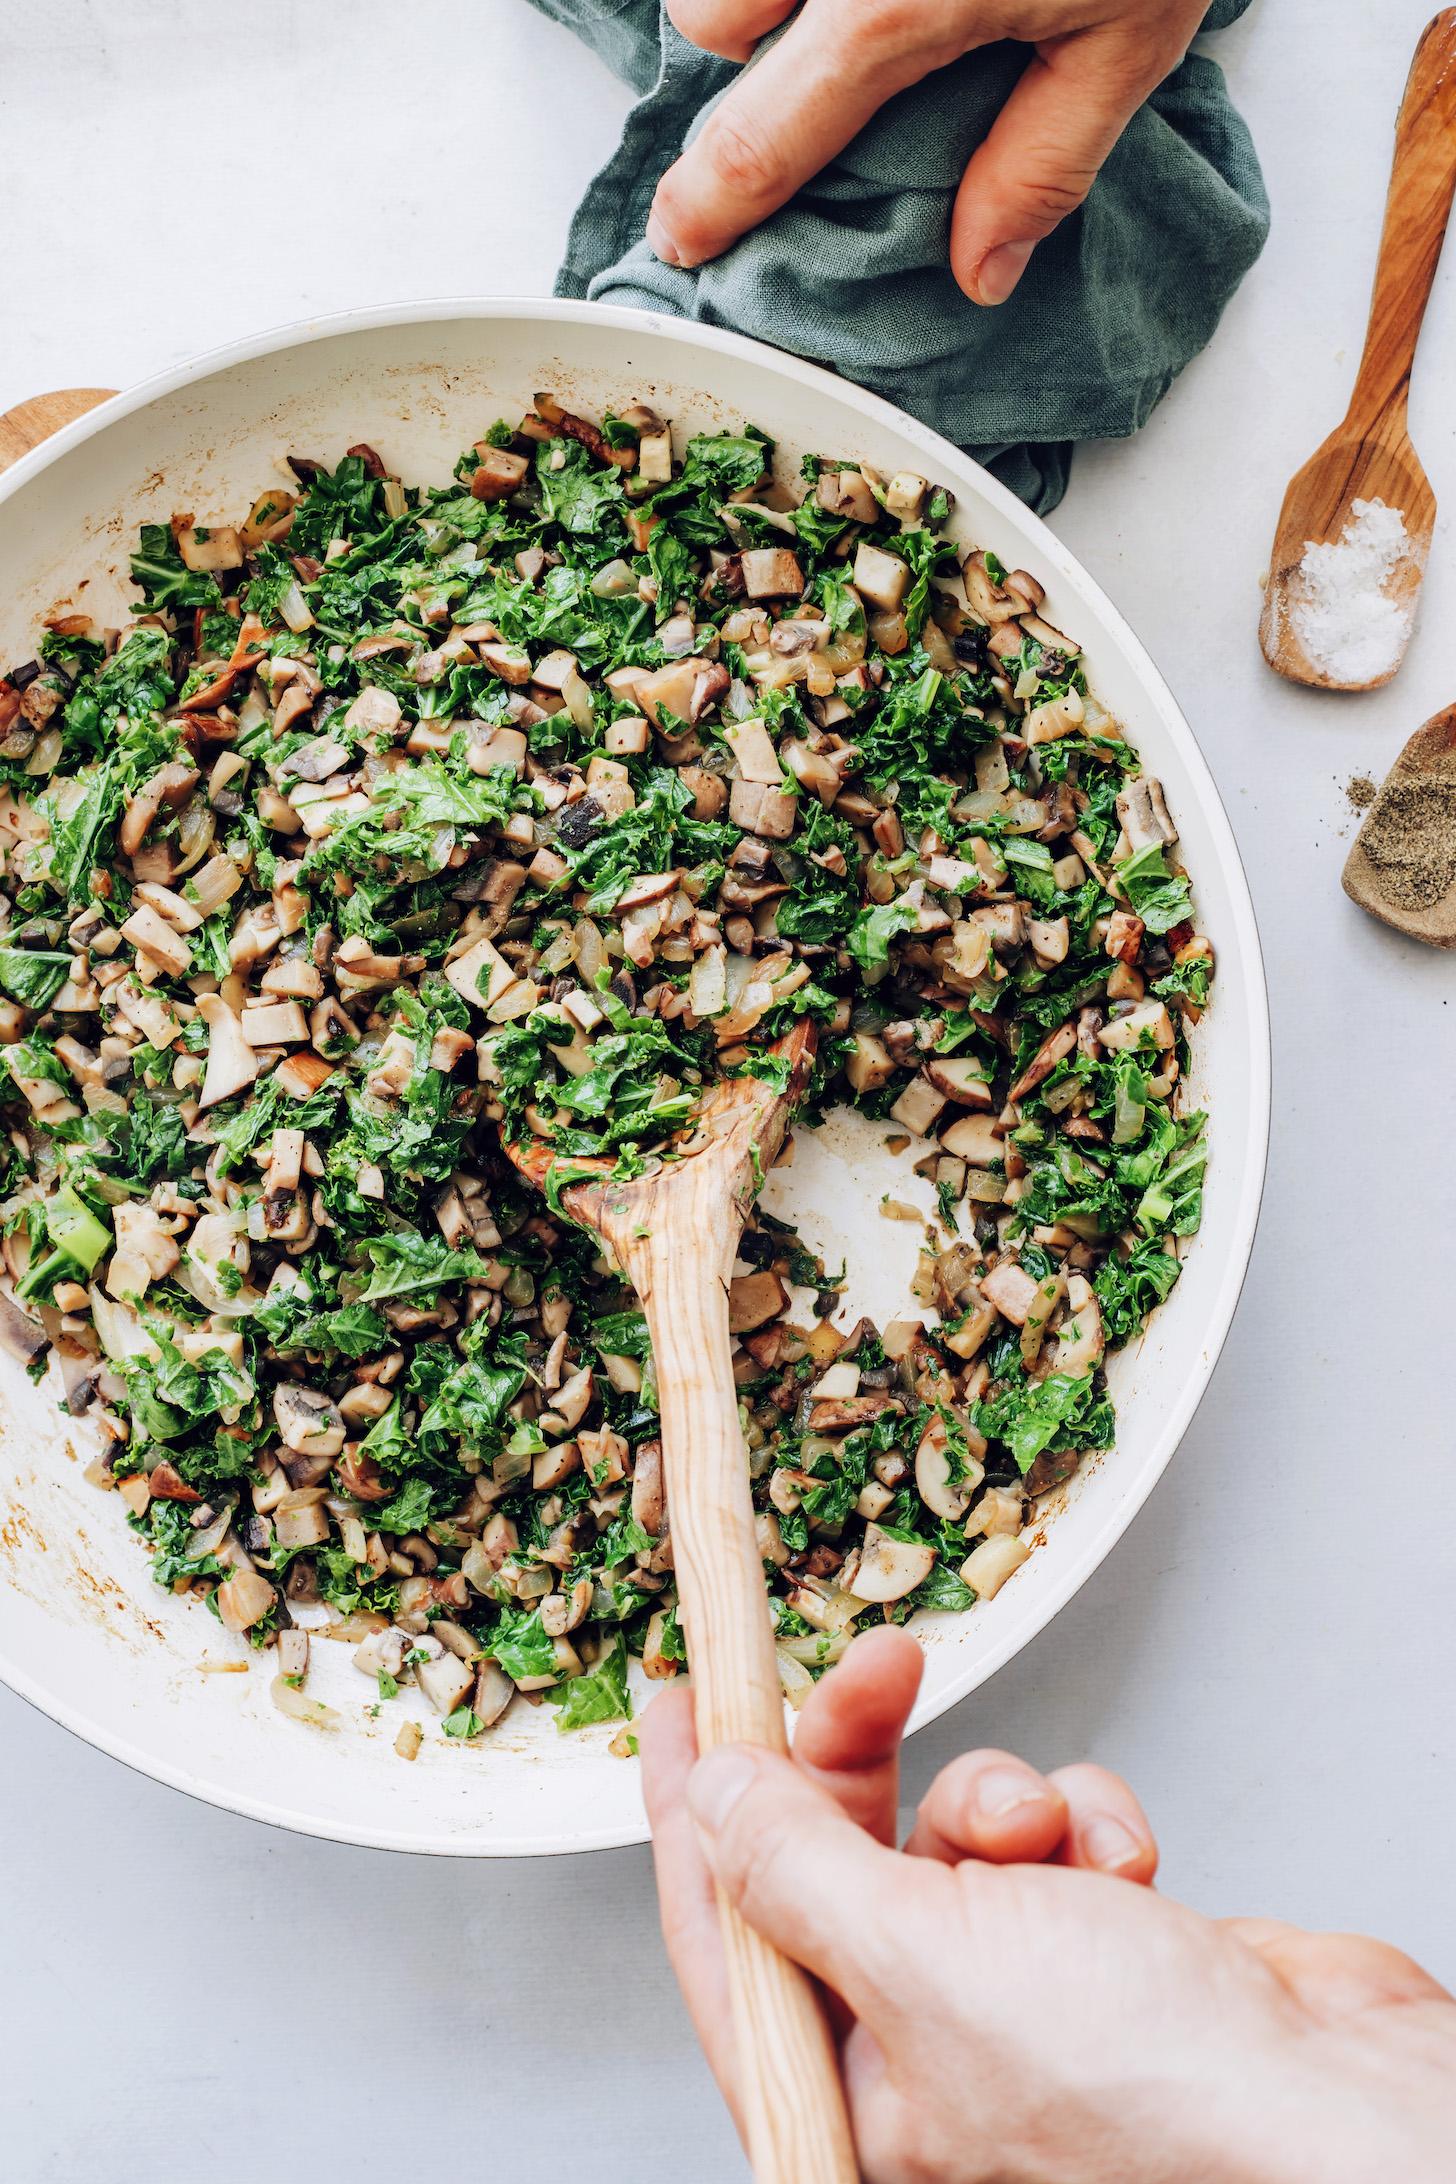 Skillet of sautéed kale, mushrooms, and onions